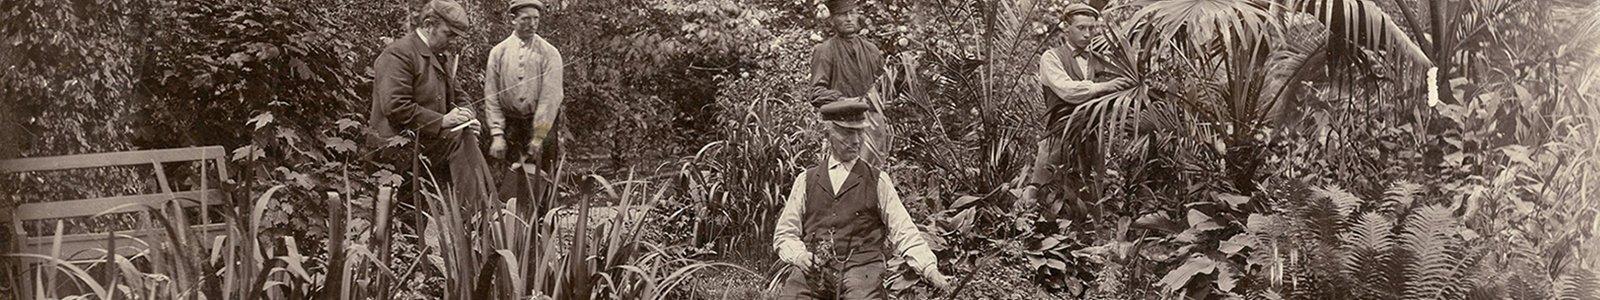 tuinmannen rond 1910 in hortus Nieuwegracht